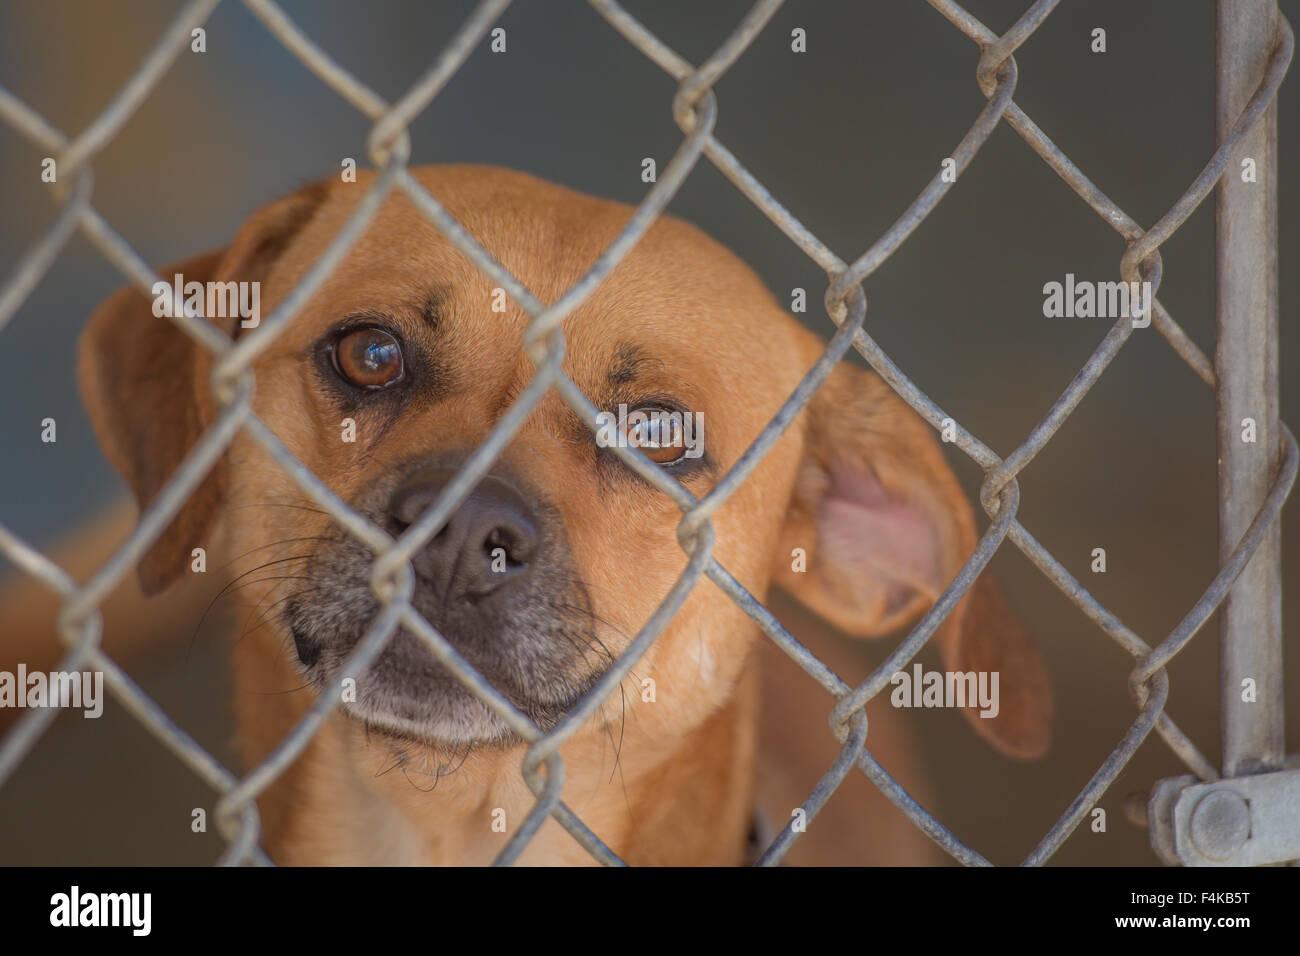 Großzügig Lowe Drahtzaun Für Hunde Bilder - Elektrische Schaltplan ...